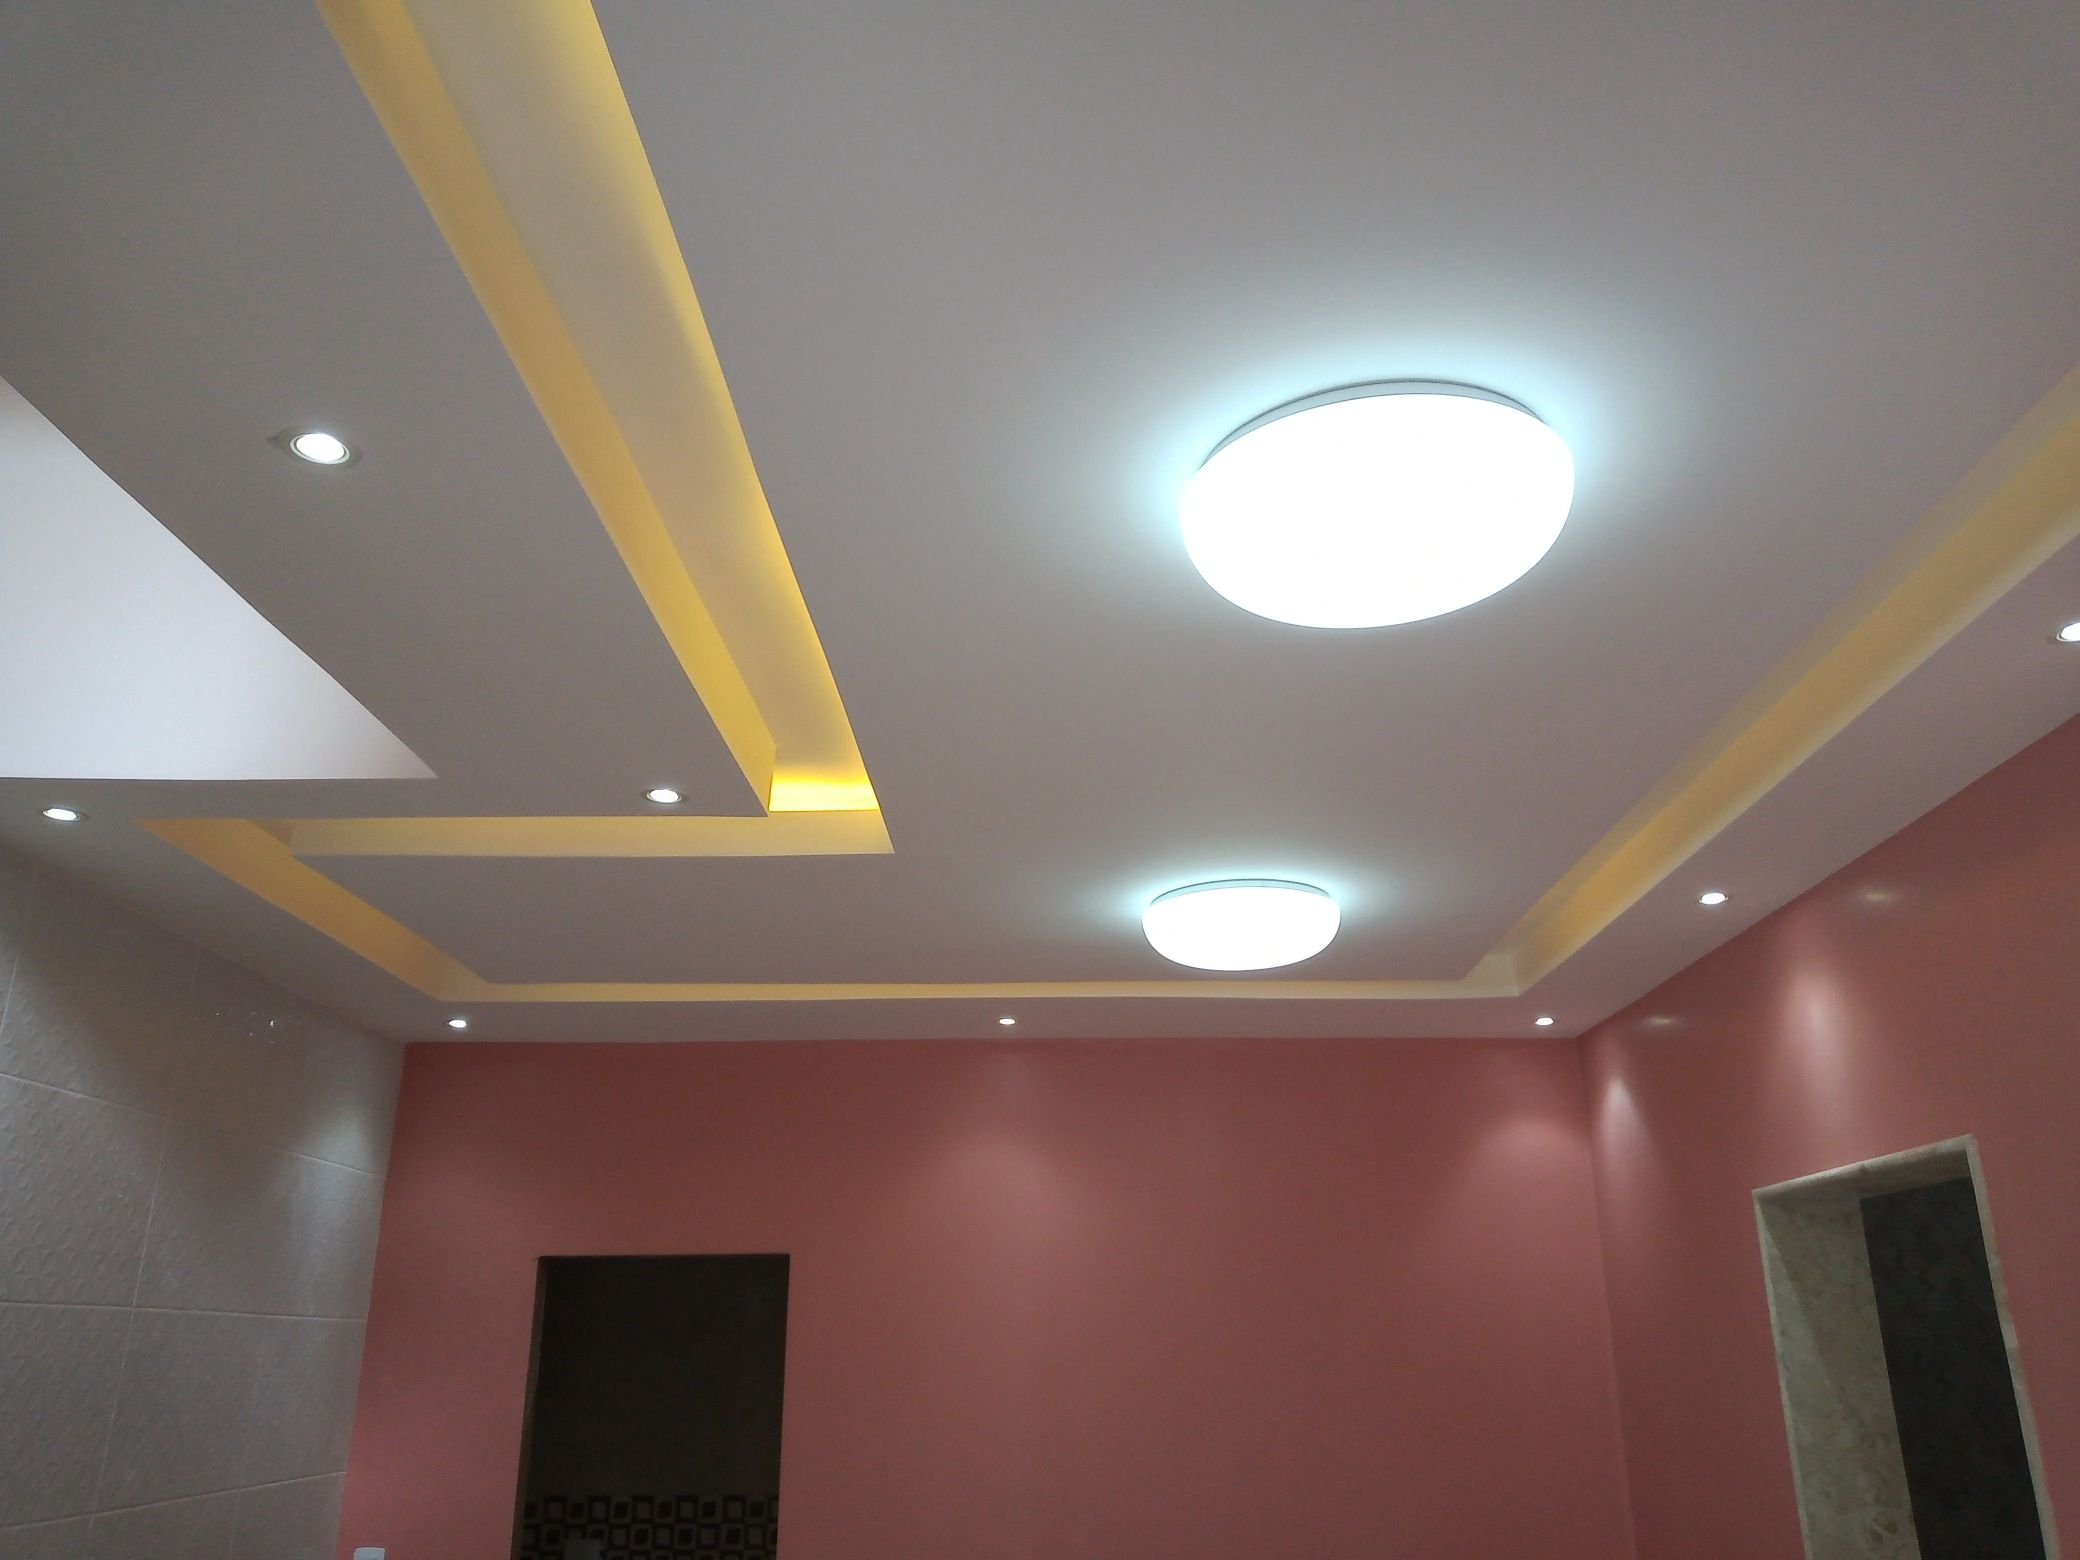 Instalação de luminárias, fita de led e spot.